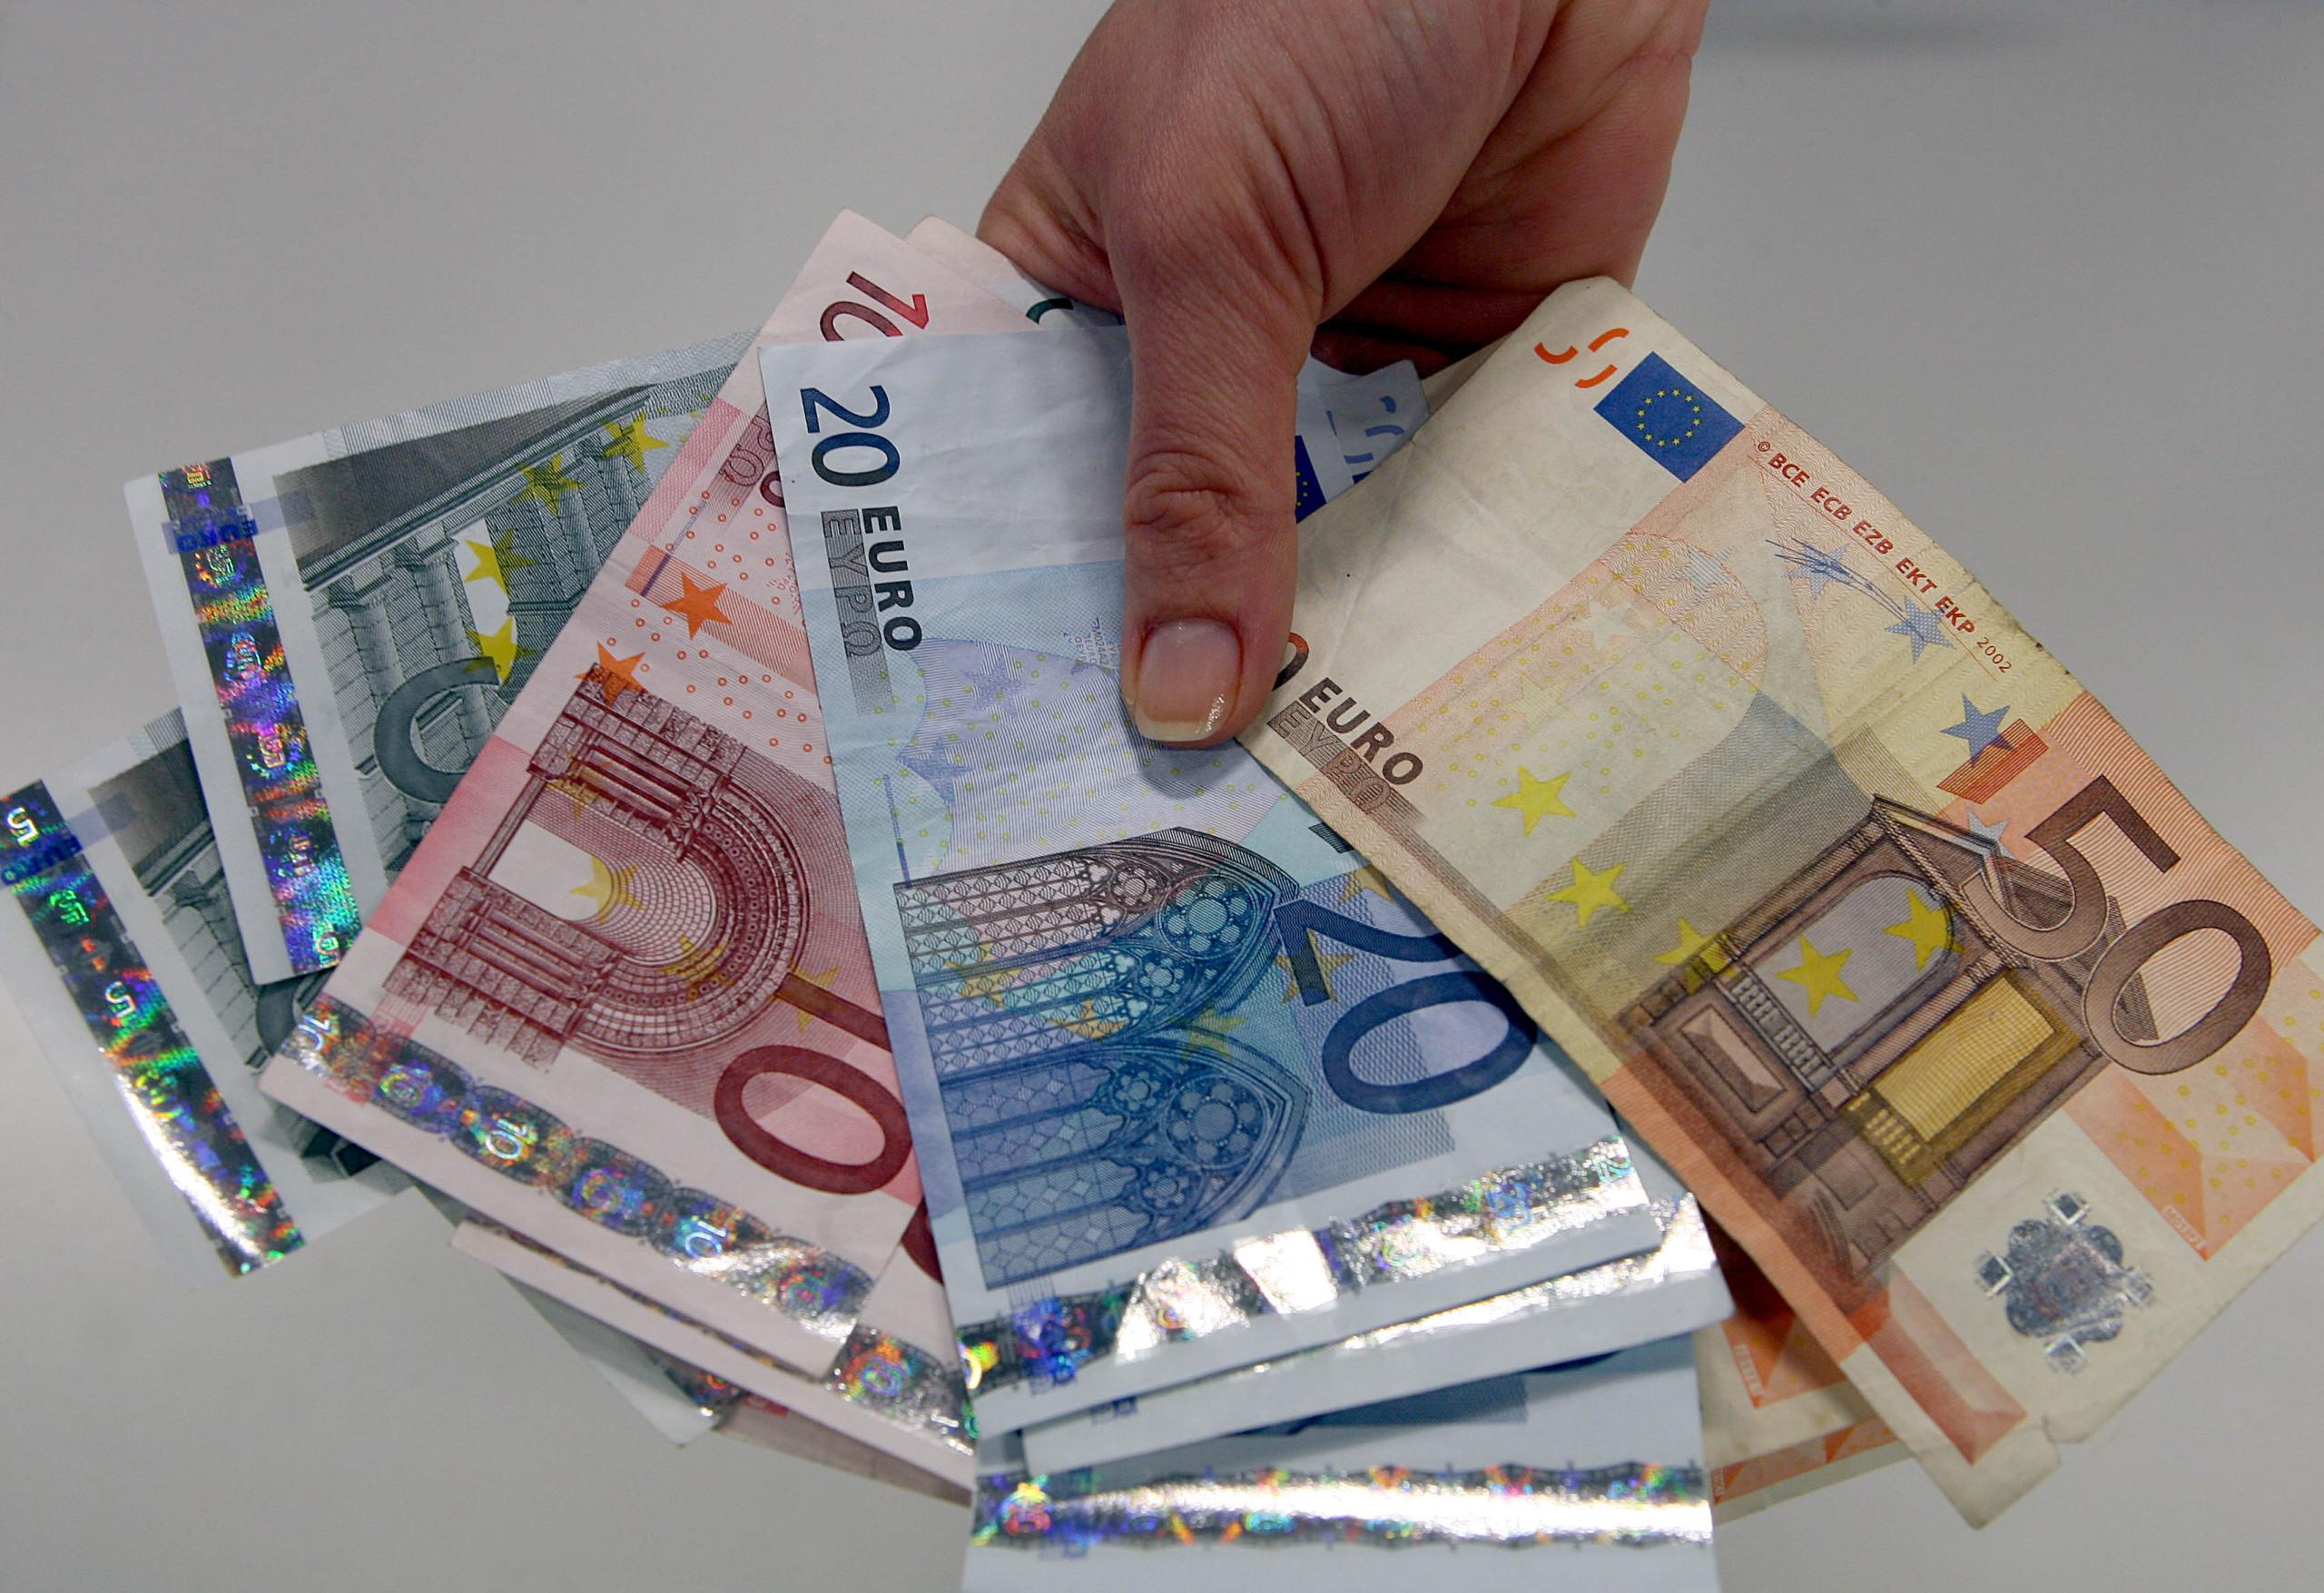 IGCP volta ao mercado na próxima semana para emitir até 1.500 milhões